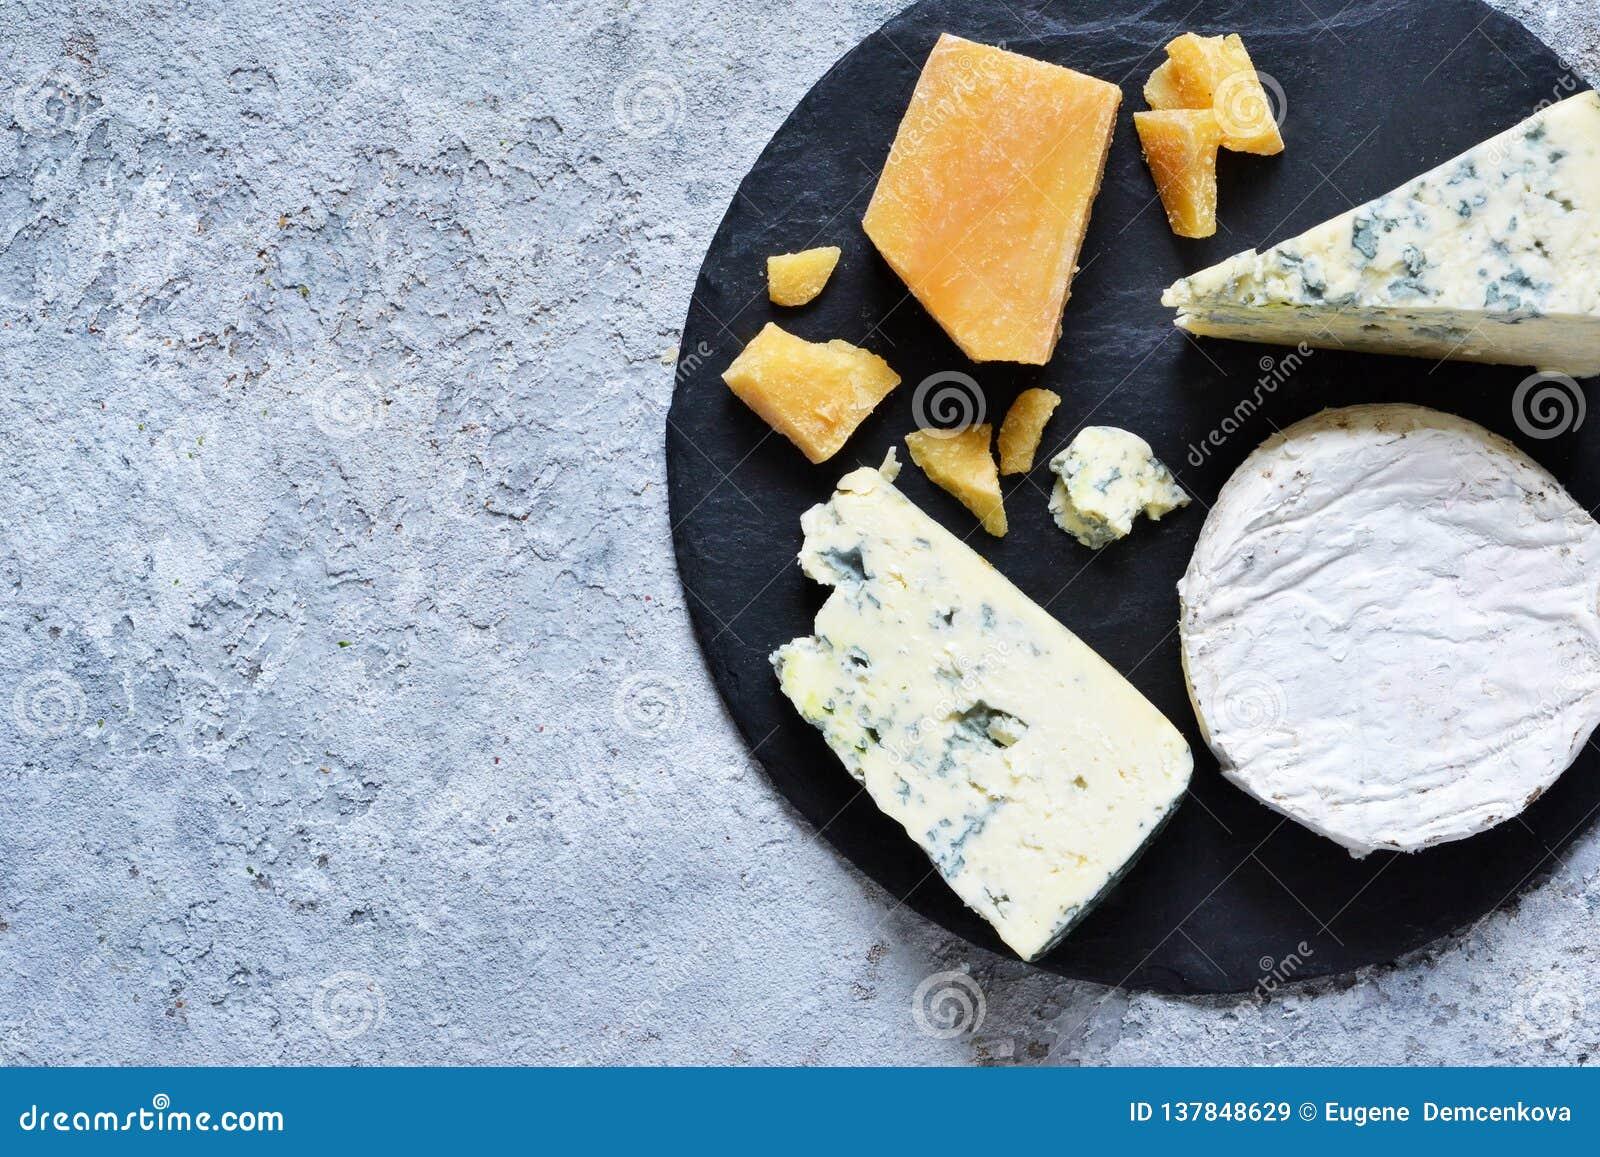 Ein Satz Käse: Briekäse, Blauschimmelkäse, Parmesankäse, Camembert auf einem Schieferbrett Platte mit Zartheit Ansicht von ob